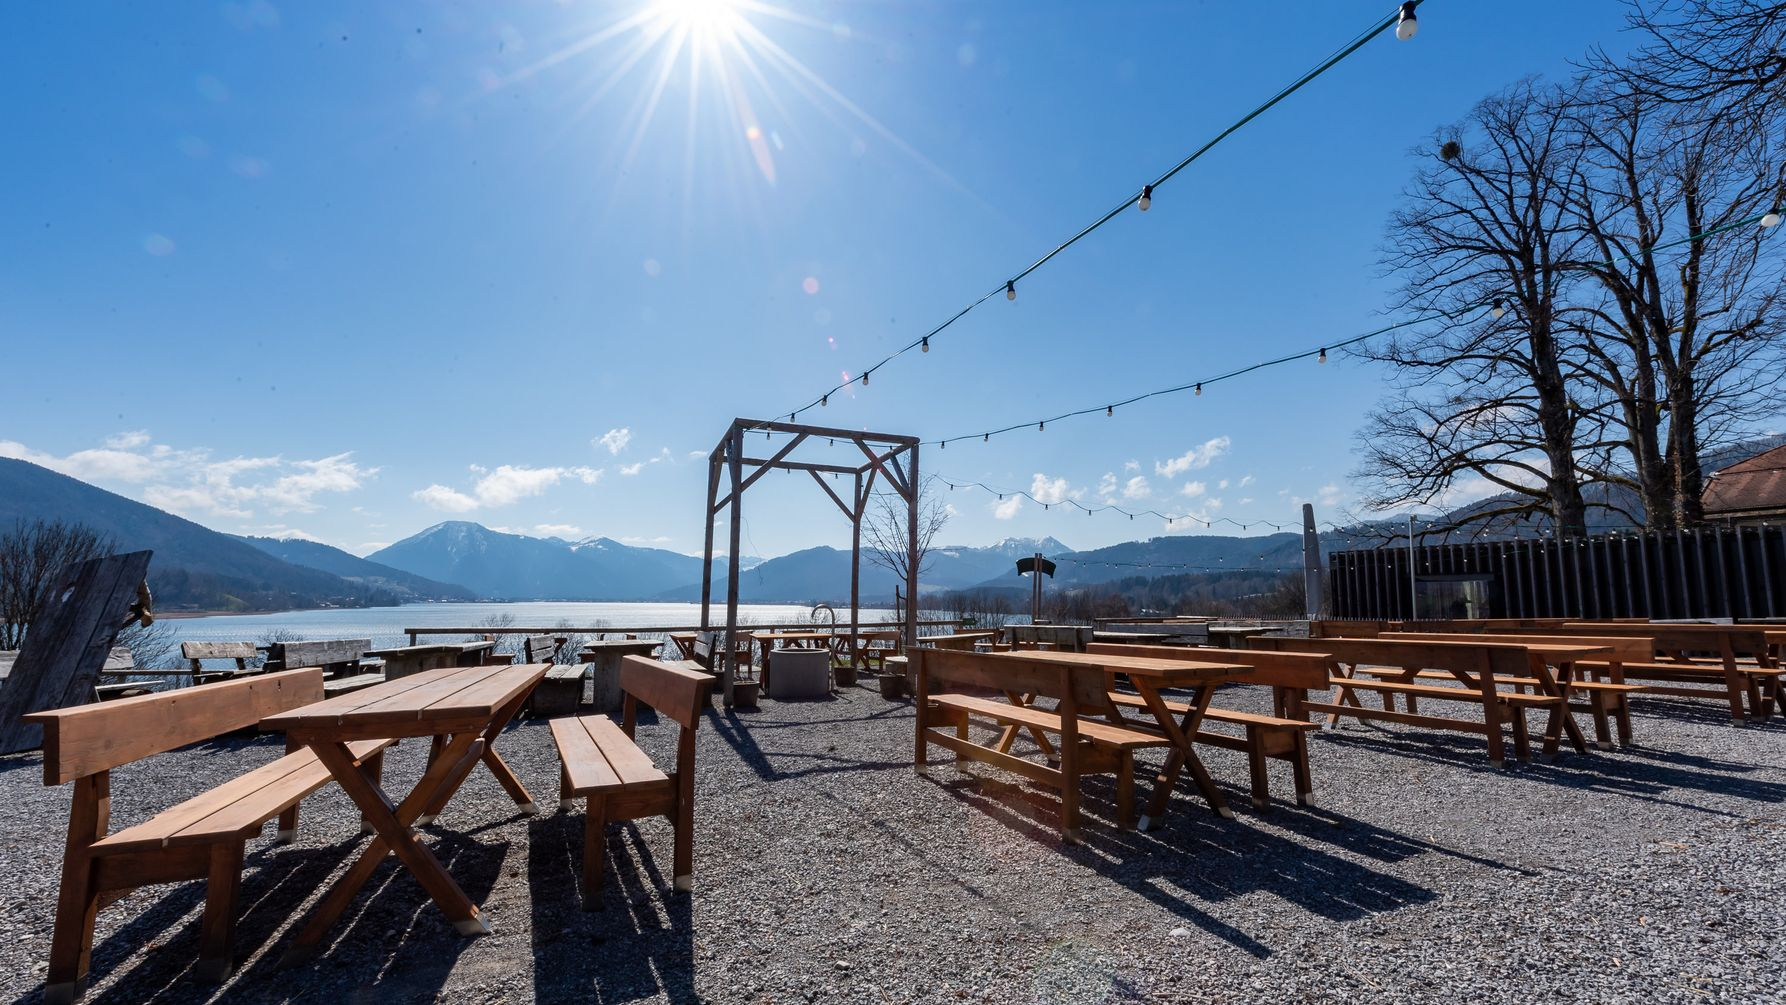 Bierbänke und Tische in Gmund am Tegernsee